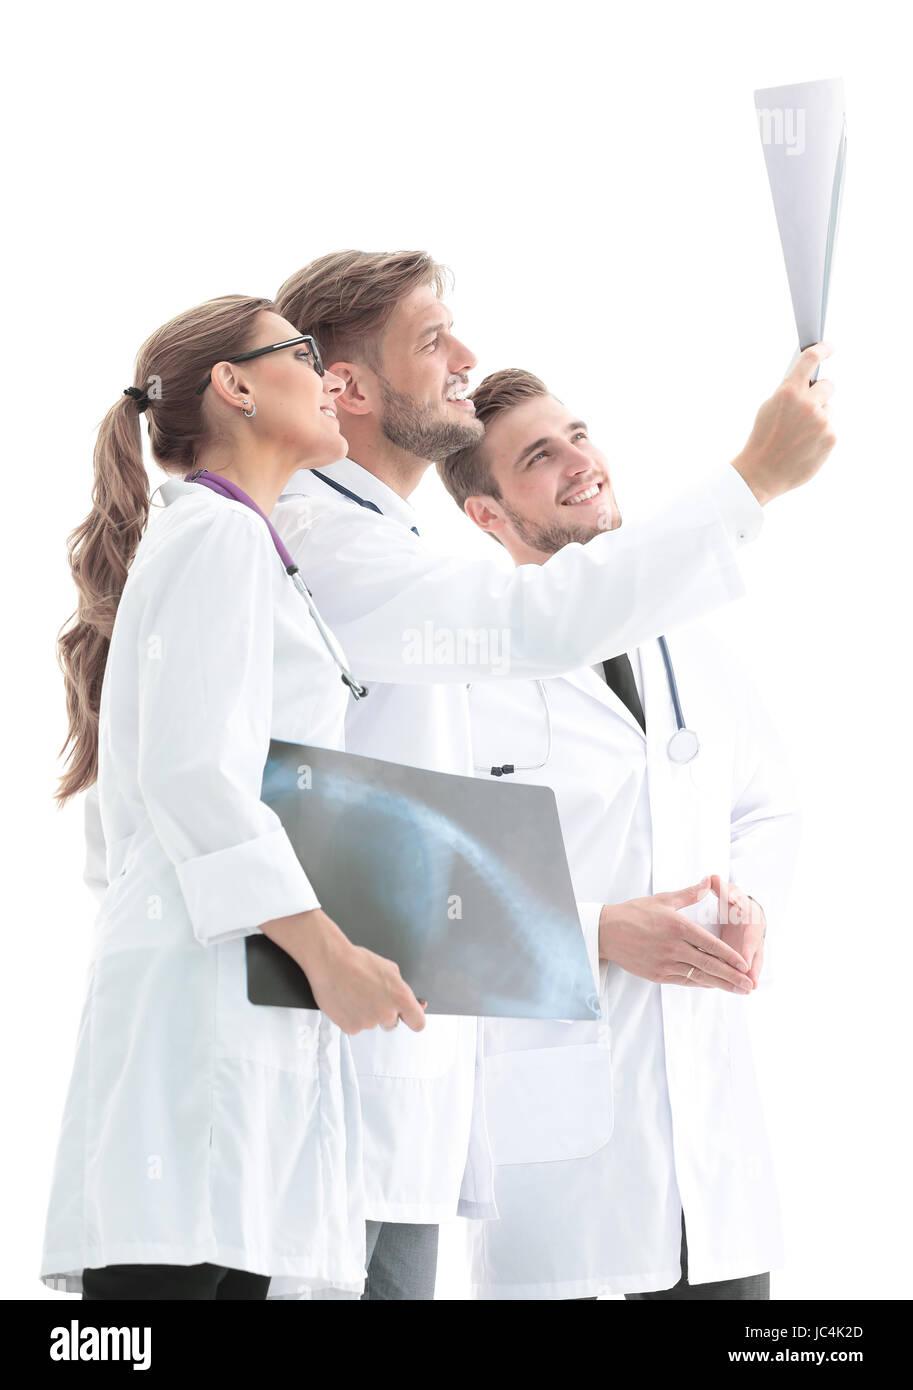 Il team di professionisti medici lavorano presso l'ufficio medico. Immagini Stock